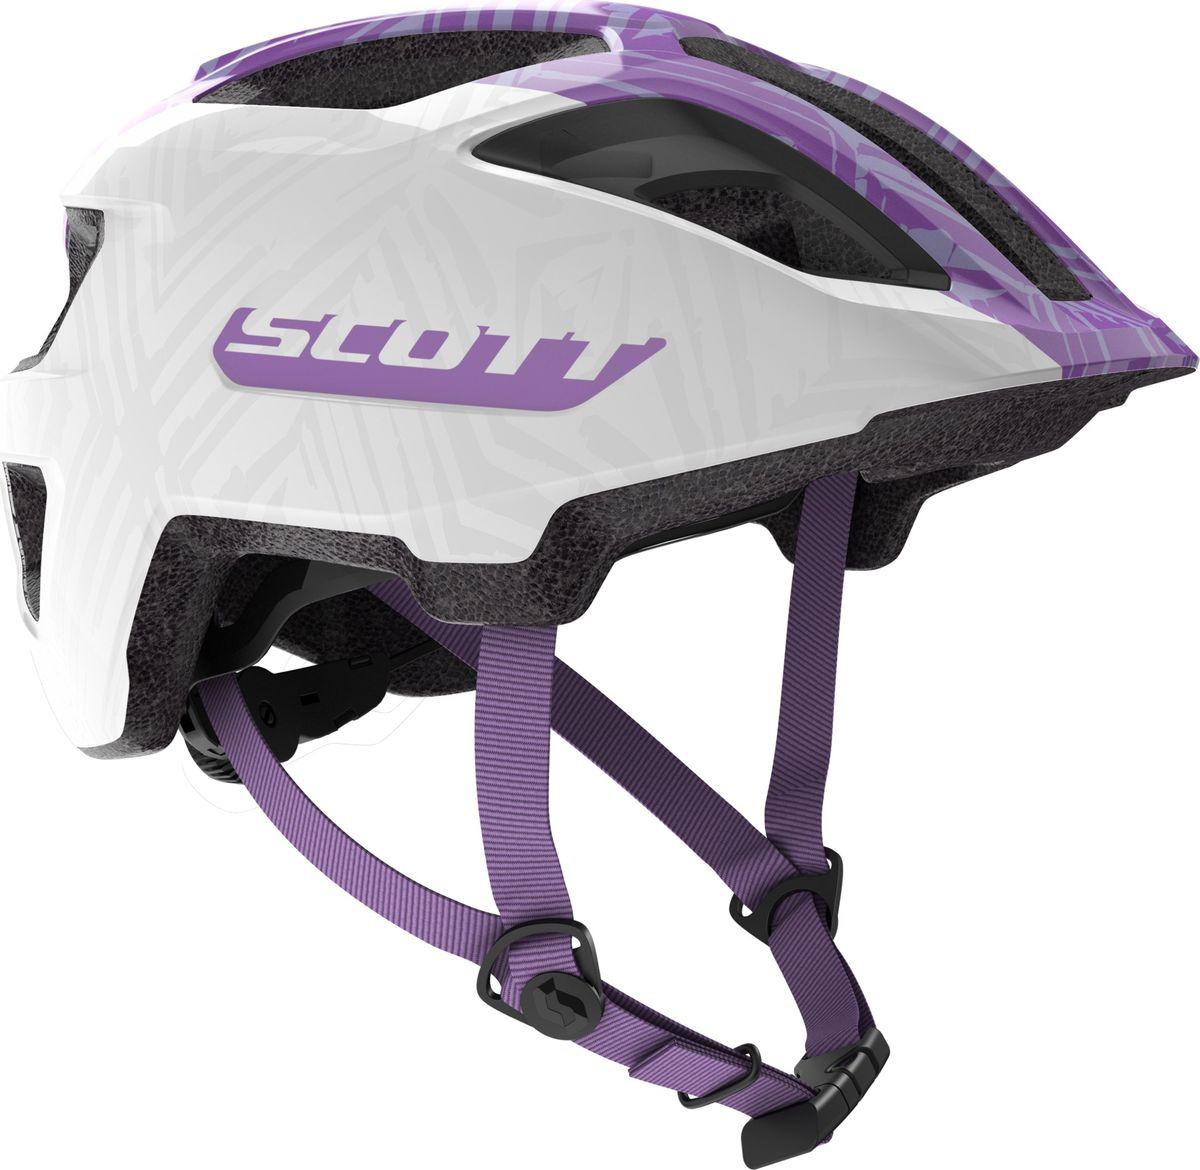 Шлем защитный Scott Spunto Junior, 270112-2320, фиолетовый цена